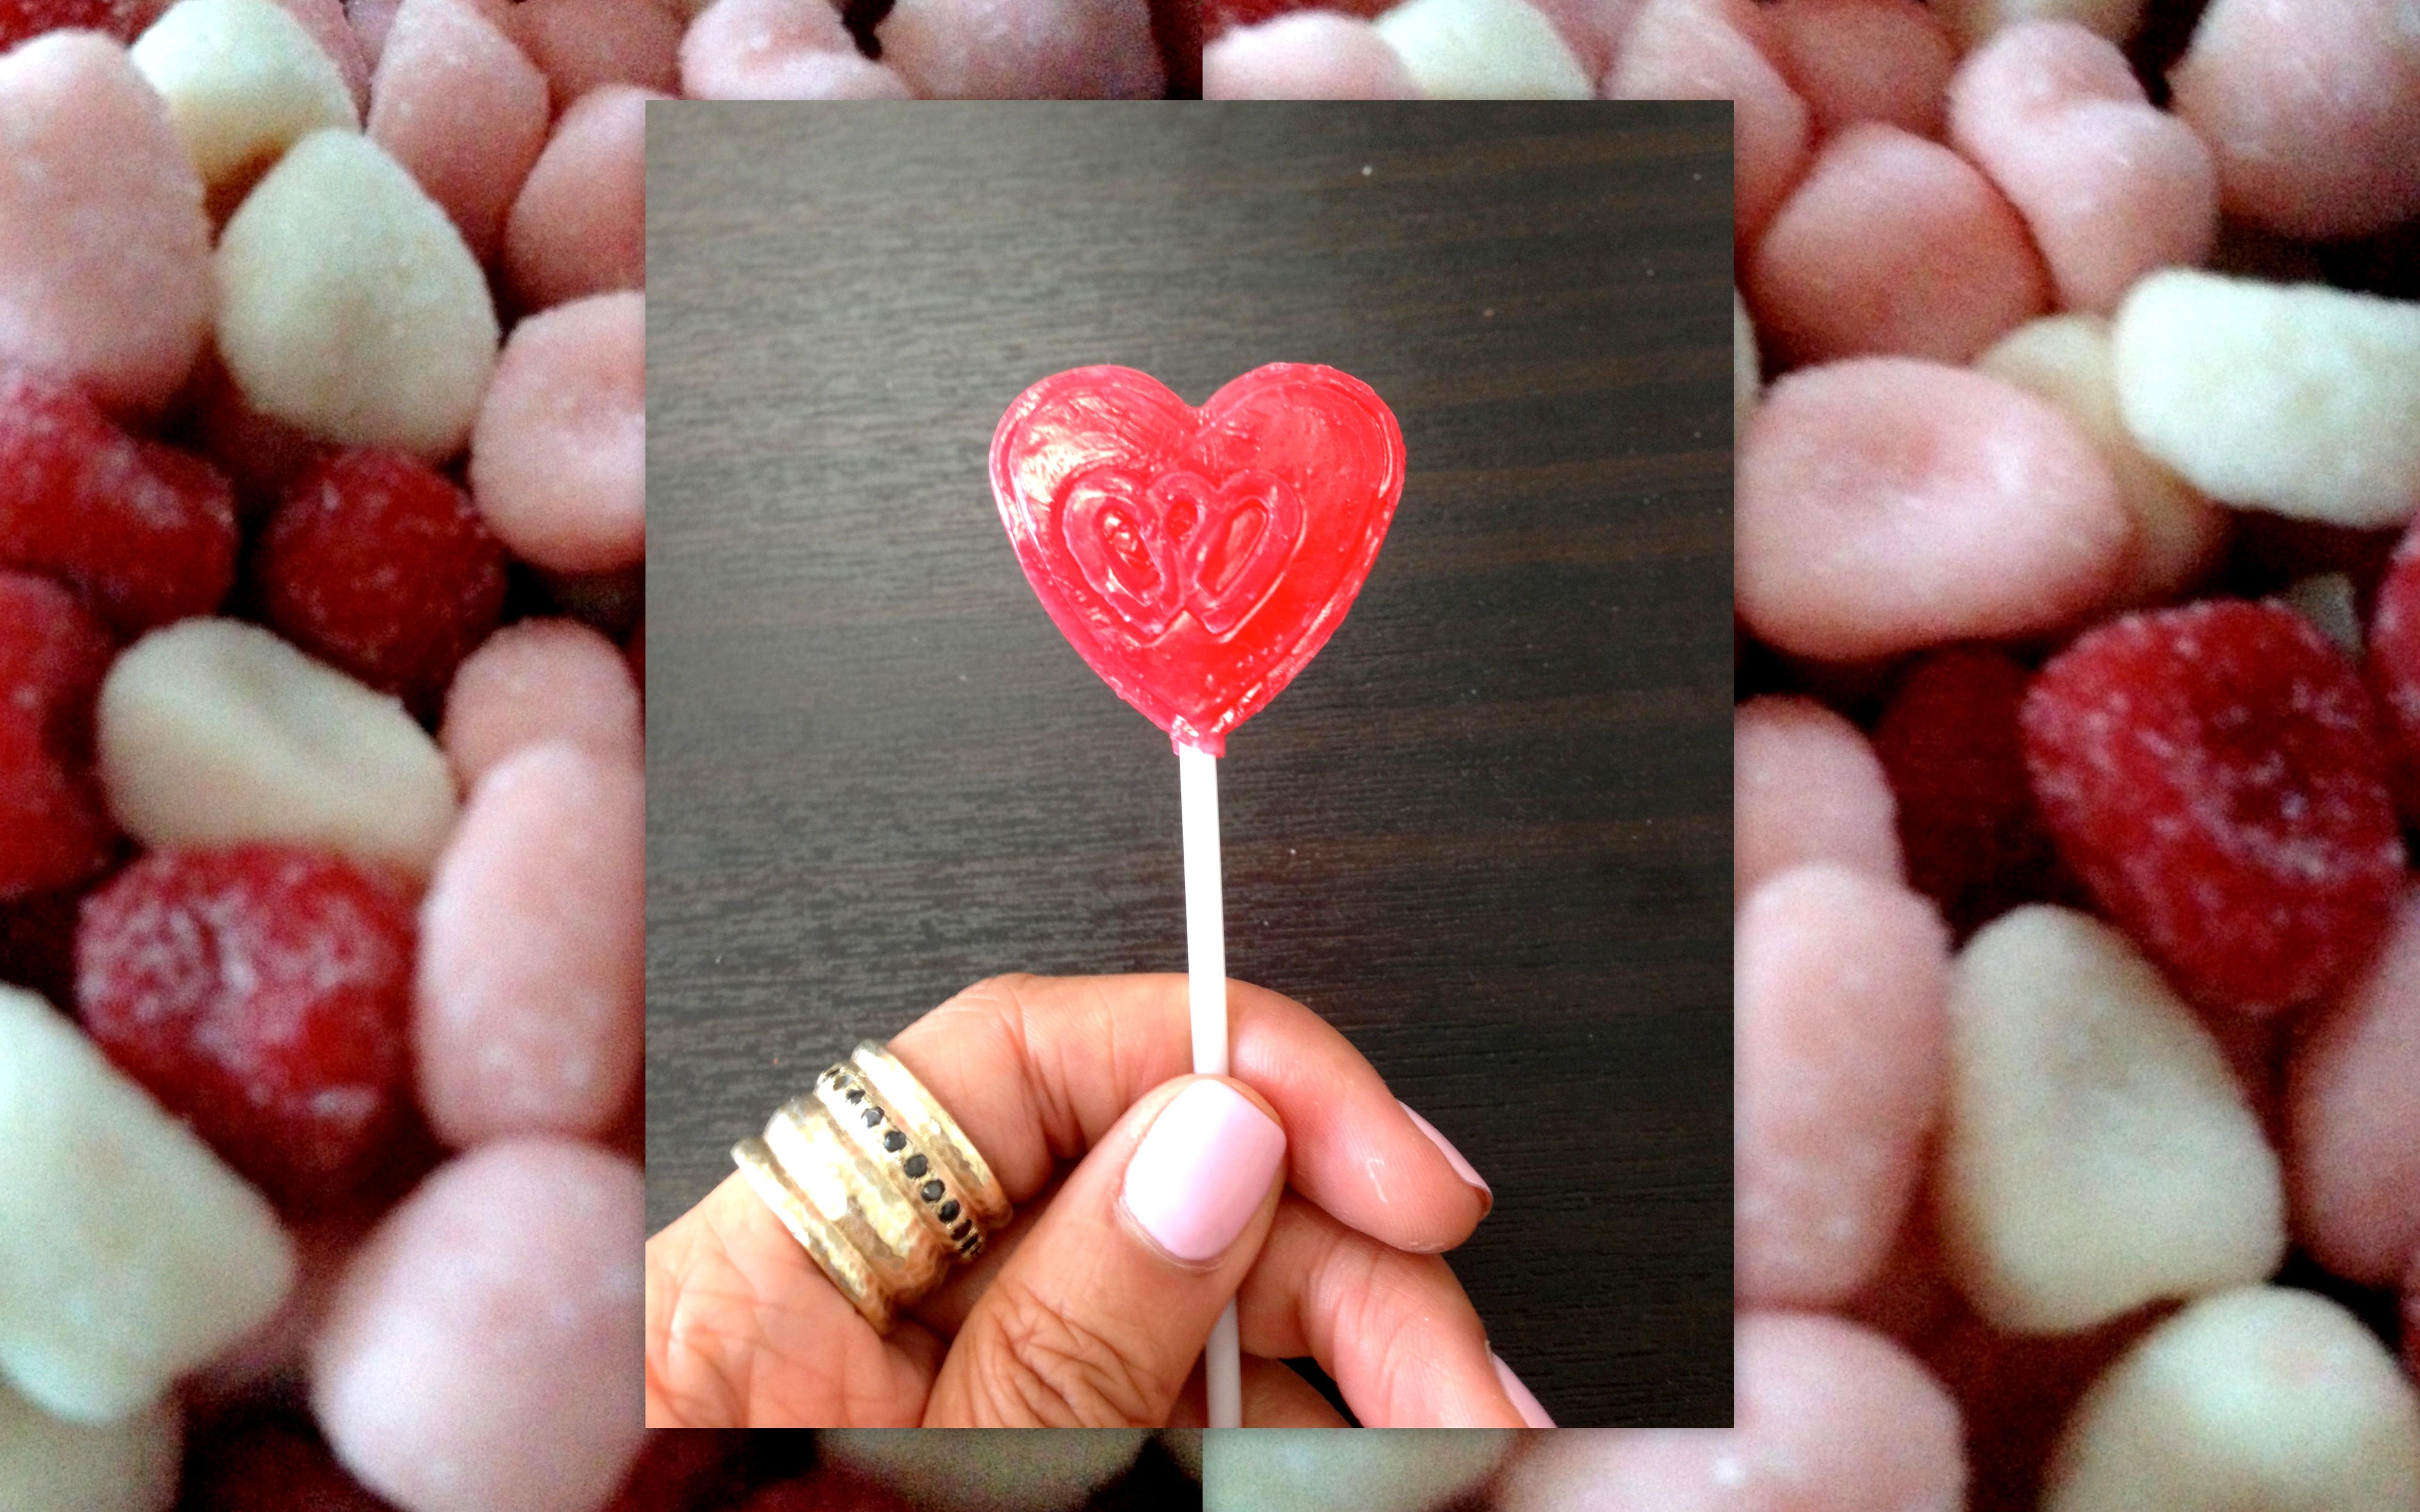 Sweet heart vids